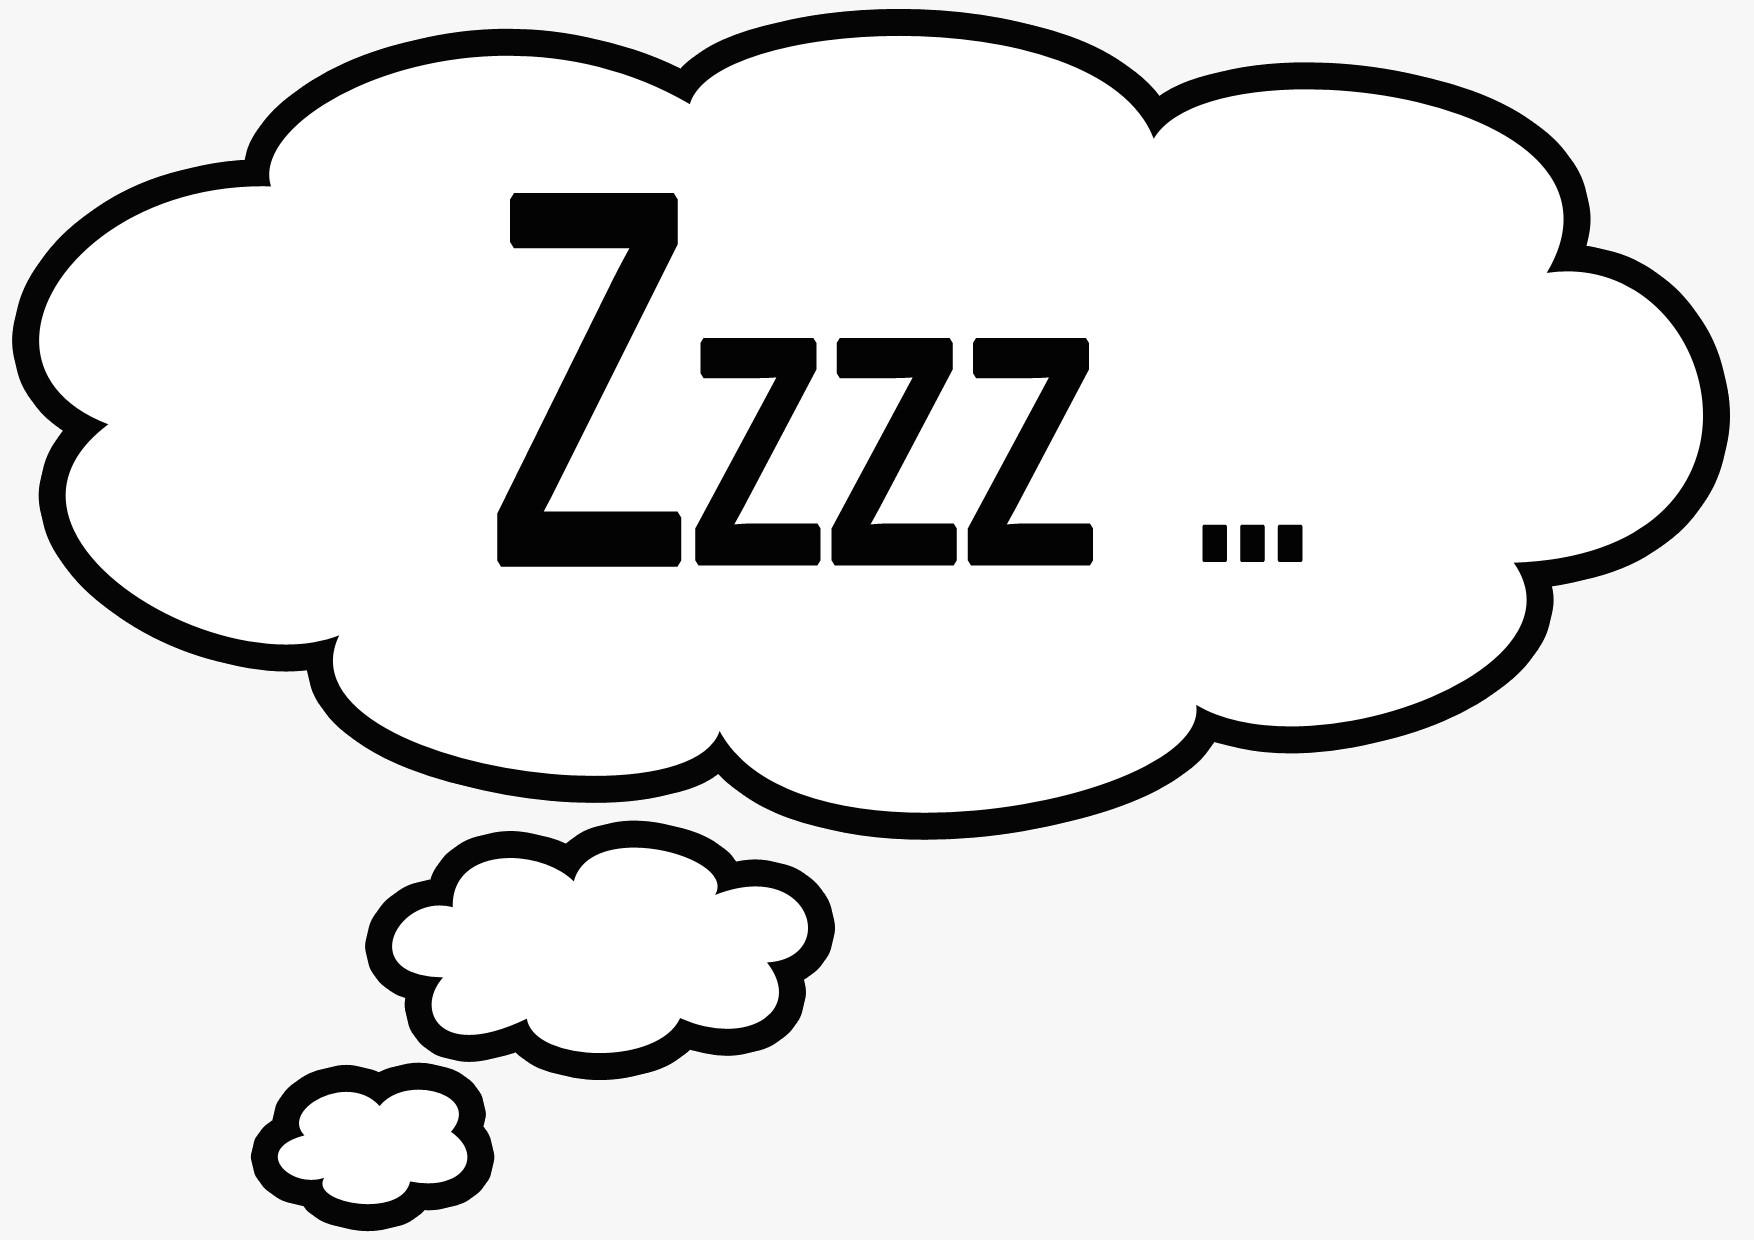 sleeping cartoon zzz naiqkh clipart on psychology and neuroscience